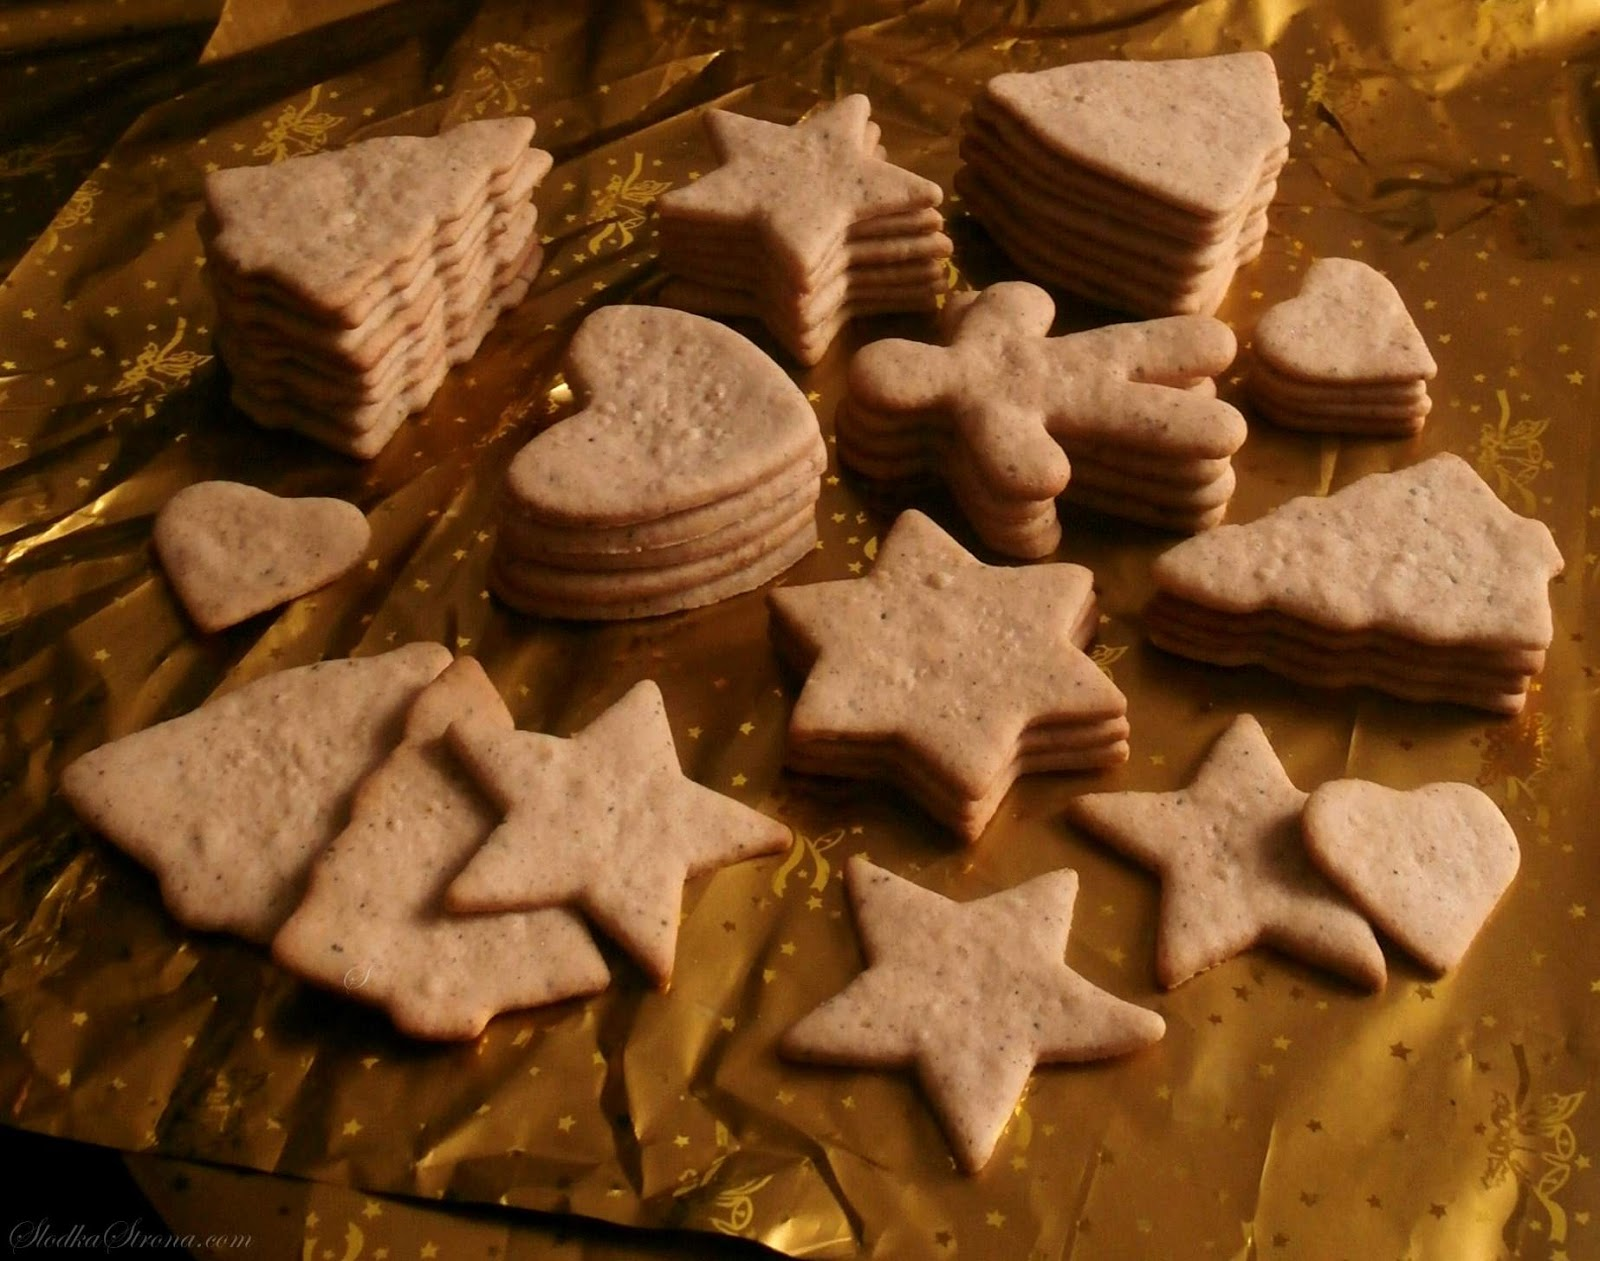 """Pepparkakor to szwedzkie pierniczki o wyrazistym aromacie imbiru, goździków i cynamonu, czyli zapachów charakterystycznych dla Świąt Bożego Narodzenia. Ponadto pierniczki charakteryzuje cienkość i chrupkość, co sprawia, że można pokusić się o nazwanie ich """"piernikowymi chipsami"""". Pepparkakor to pierniczki o niezwykłym, świątecznym smaku i gdy tylko skosztuje się jednego pierniczka - nie sposób nie sięgnąć po następny... i następny...  pepparkakor przepis, skandynawskie pierniczki, skandynawskie pierniczki przepis, szwedzkie pierniczki, szwedzkie pierniki, szwedzkie pierniczki przepis, cienkie pierniczki, cienkie pierniczki przepis, chrupiące pierniczki, chrupiące pierniczki przepis, pierniki jak z ikea, pierniczki ikea, pierniczki imbirowe, ciasteczka imbirowe, pierniki z imbirem,  pierniczki przepis, pierniczki dla dzieci, kolorowe pierniczki, kolorowe ciasteczka, ciasteczka bożonarodzeniowe, ciasteczka na święta, pierniczki bożonarodzeniowe, kolorowy lukier, lukier do dekoracji pierniczków, lukier do dekoracji ciasteczek, pierniczki dla dzieci,  alpejskie przepis, miękkie pierniczki,miękkie pierniczki przepis, szybkie pierniczki, szybkie pierniczki przepis, natychmiastowe pierniczki, proste pierniczki,proste pierniczki przepis, proste pierniki, proste pierniki przepis, pierniki w czekoladzie,pierniki w czekoladzie przepis,najlepsze pierniczki, dekoracja pierniczków, lukier do pierniczkow, lukier ozdobny, lukier zdobienia pierniczkow, pierniczki z lukrem, jak dekorowac pierniczki, najlepsze pierniczki, piekne pierniczki, najpiekniejsze pierniczki, pierniczki zdobione lukrem, słodka strona, slodka strona, boże narodzenie, pierniczki na boże narodzenie, pierniki świąteczne, pierniczki świąteczne, najlepsze pierniczki, pierniczki świąteczne, pierniczki miękkie, pierniczki szybkie, pierniczki bez czekania, pierniczki do szybkiego zjedzeniaSzwedzkie, Cienkie, Chrupiące Pierniczki - Pepparkakor - Przepis - Słodka Strona"""